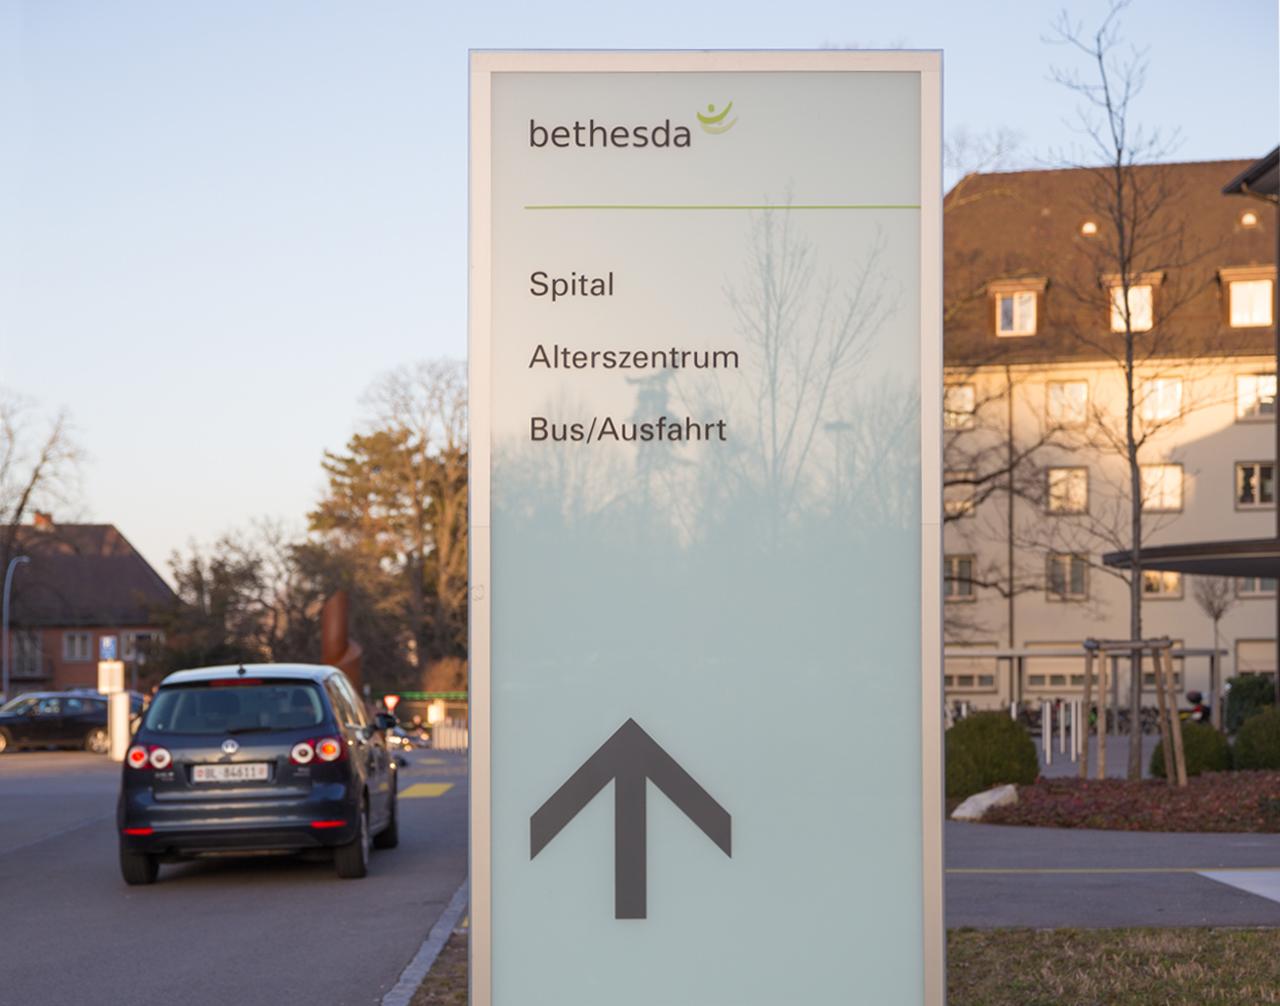 Signaletik Bethesda Spital - scanu communications